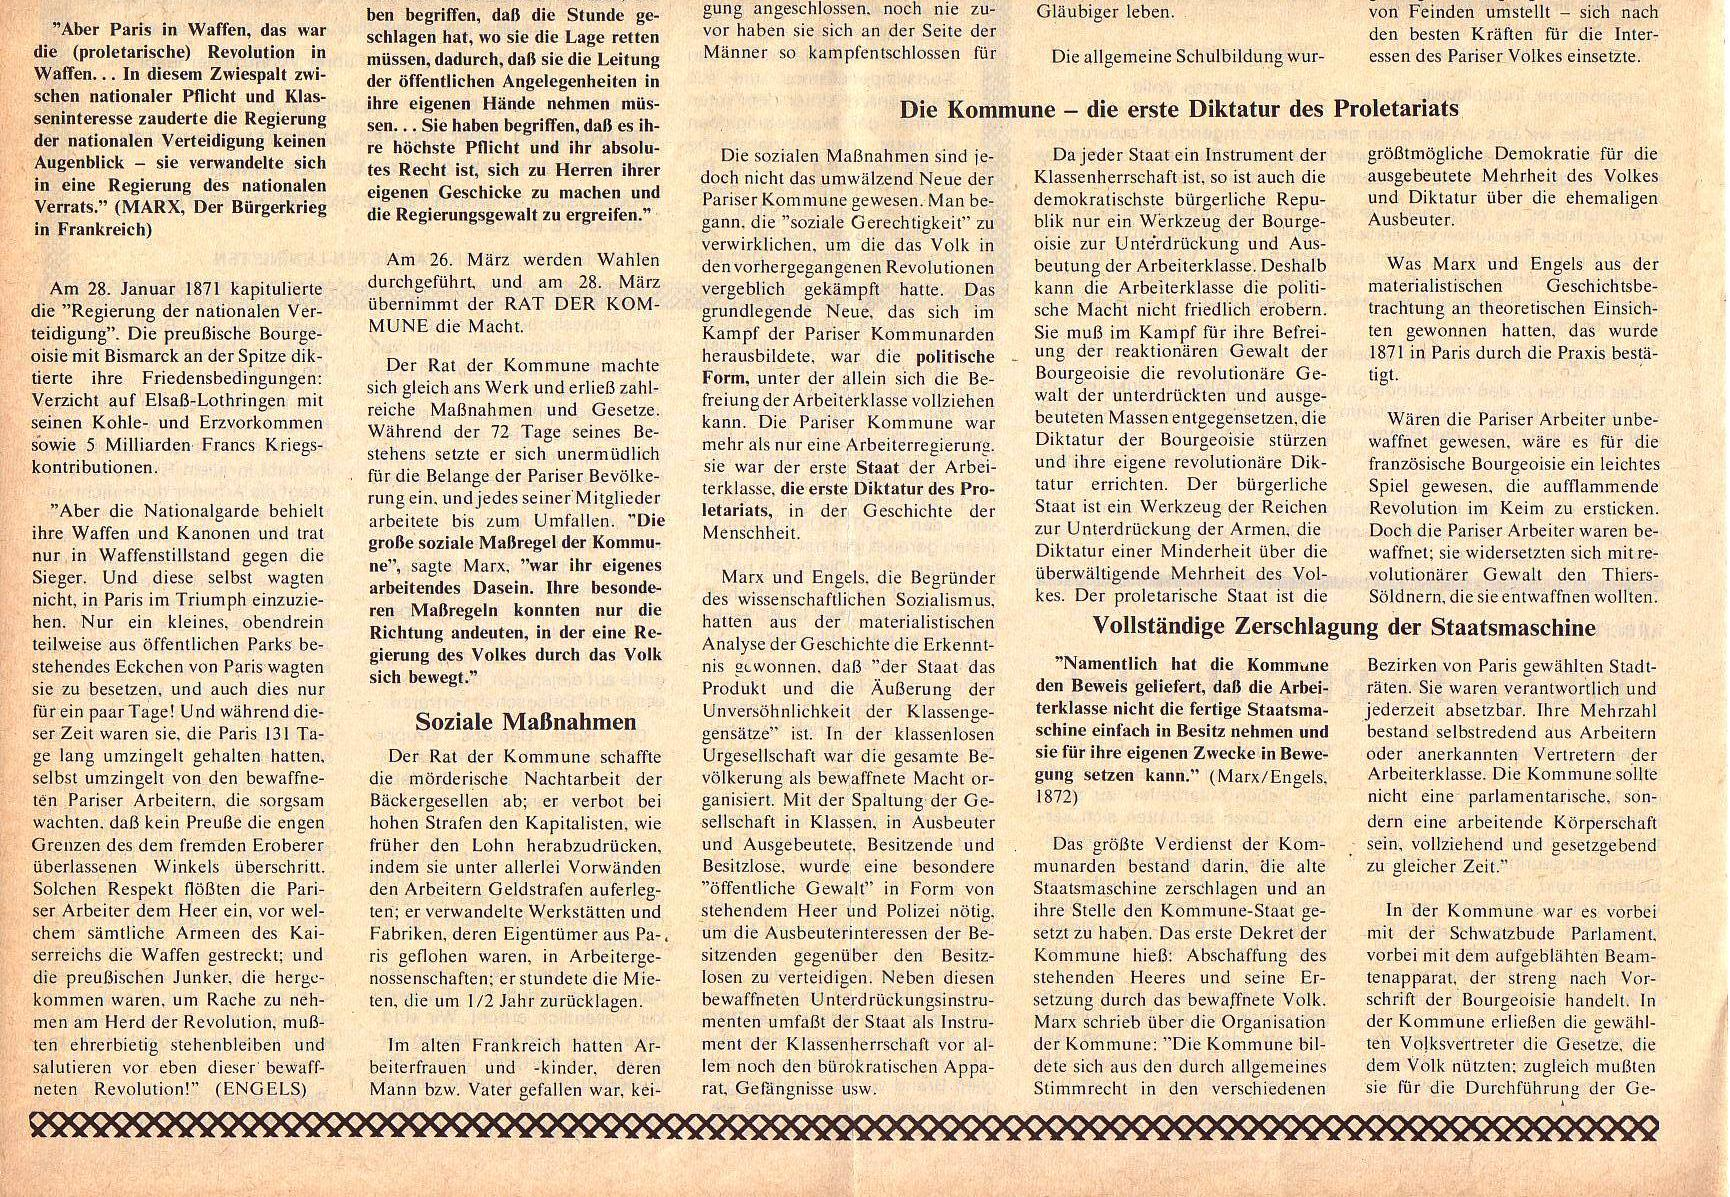 Roter Morgen, 5. Jg., April 1971, Nr. 4, Seite 10b